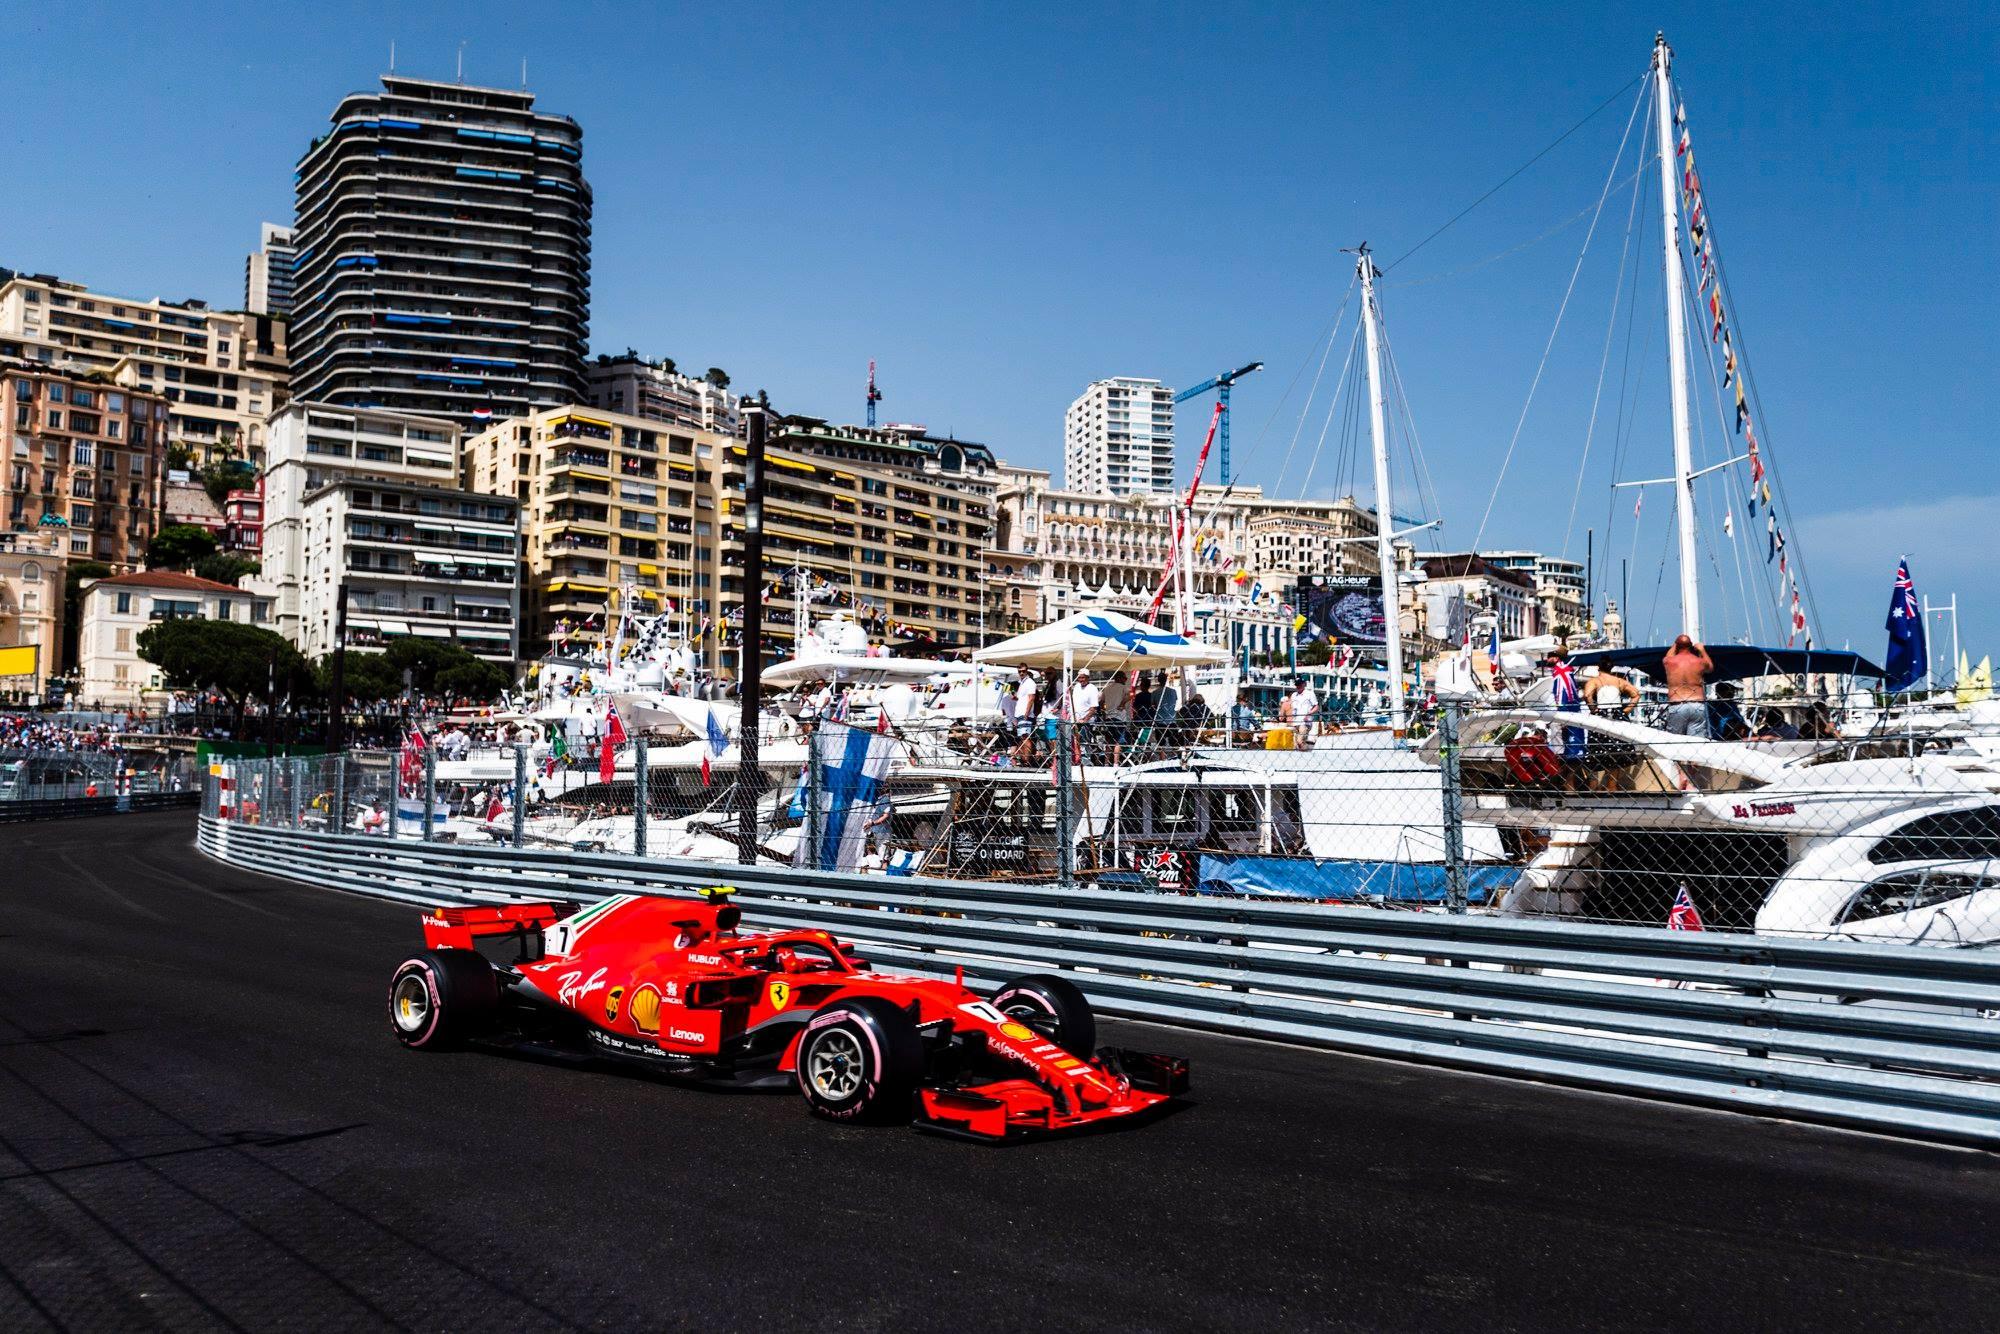 Scuderia Ferrari - Monaco Grand Prix